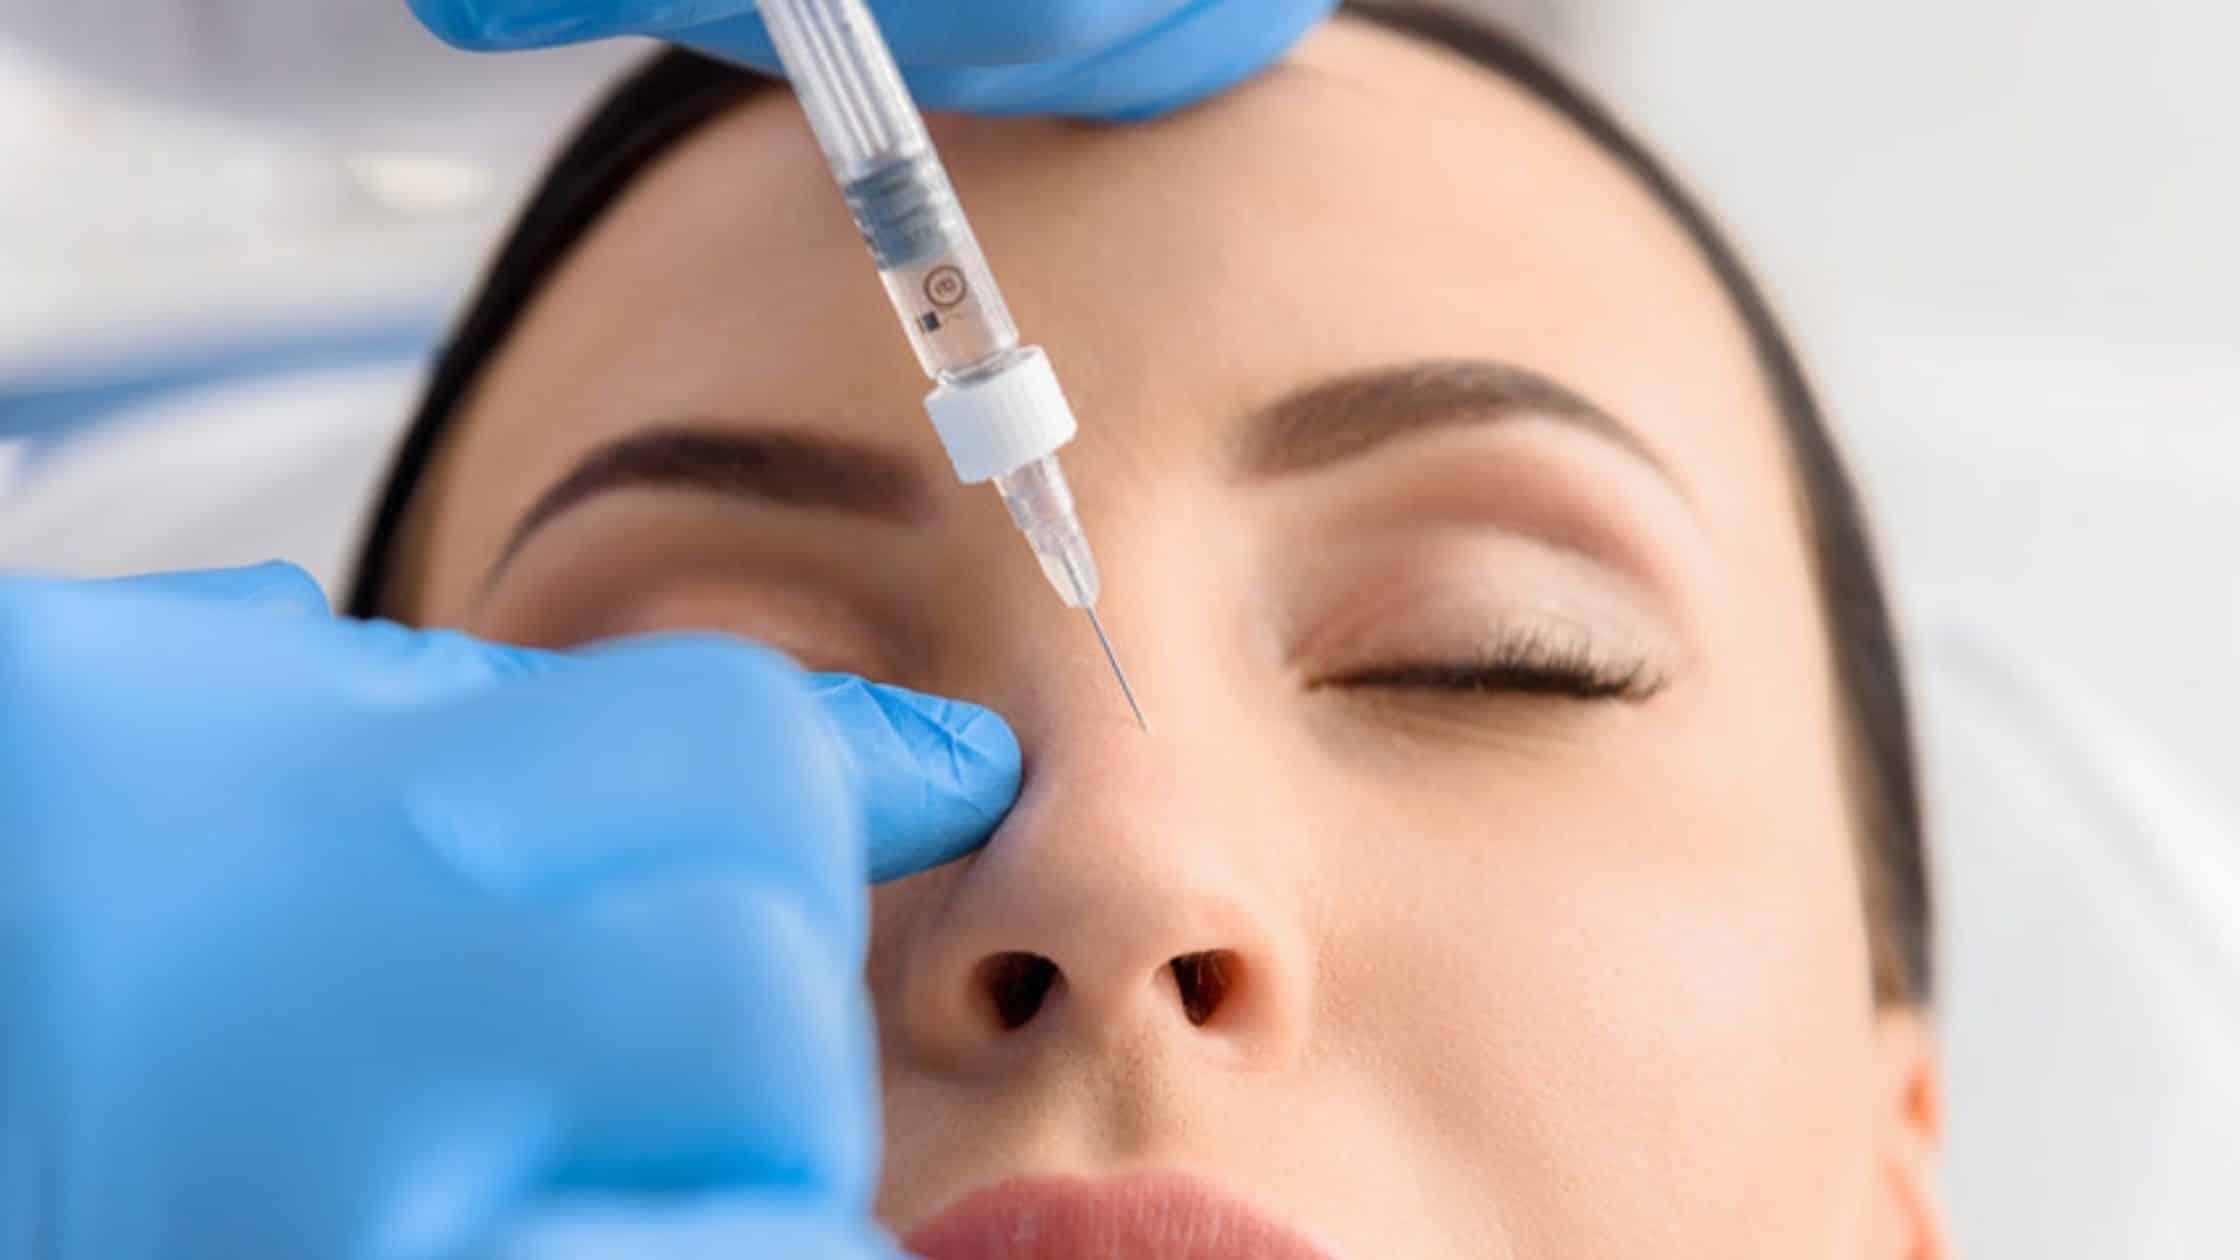 Cartilago nasal los 3 procedimientos reconstructivos principales